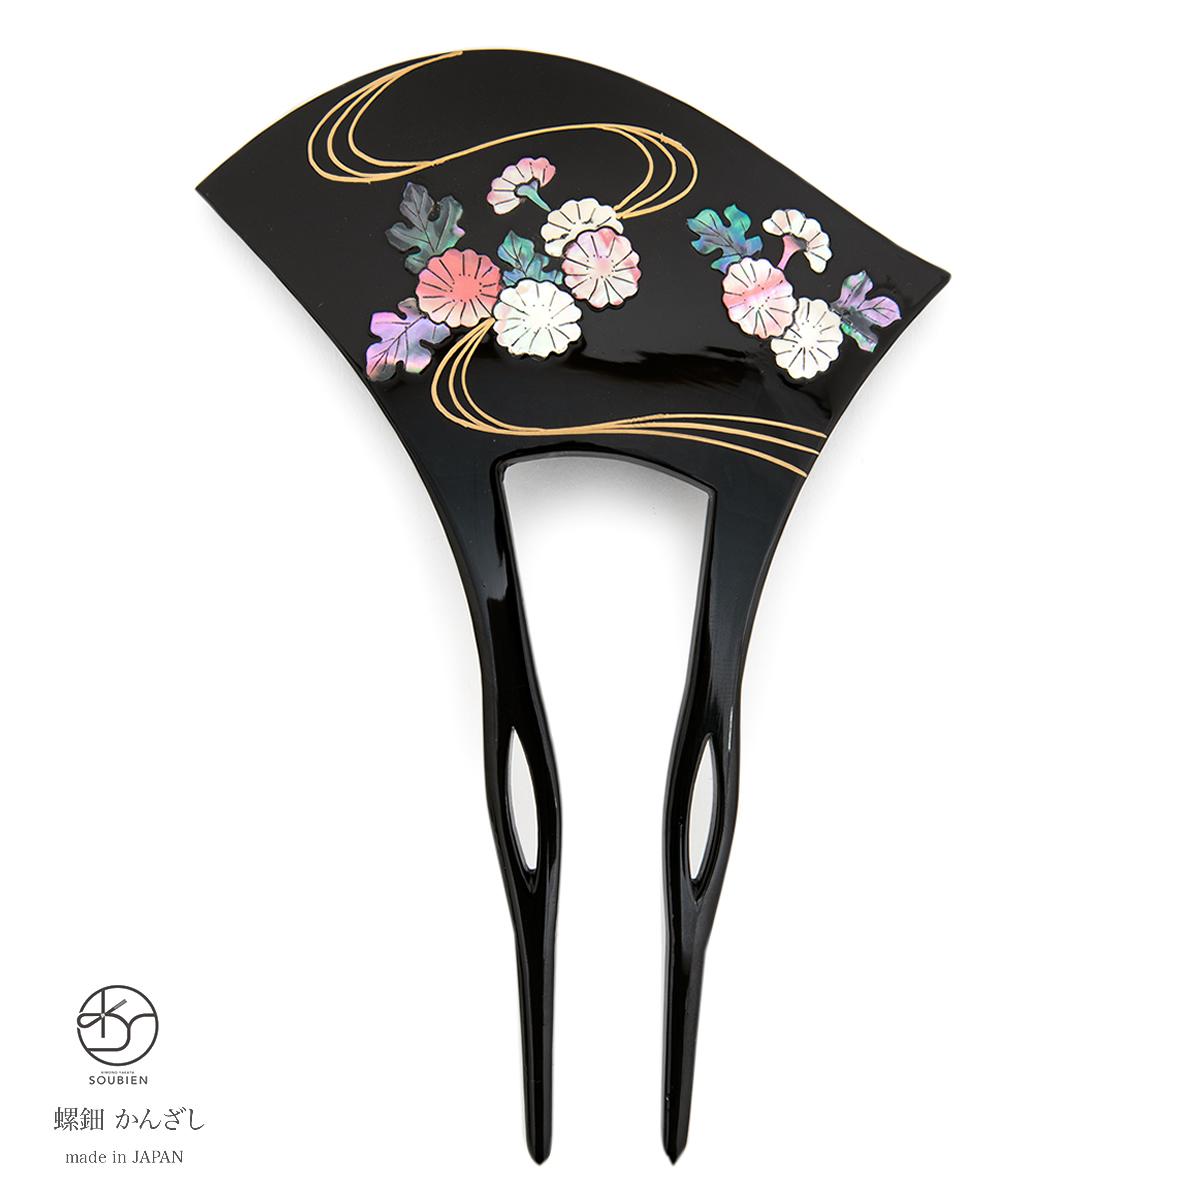 バチ型簪(かんざし) 黒 菊 花 流水 螺鈿 蒔絵調 髪飾り 日本製 成人式 卒業式 結婚式 着物 和装 【あす楽対応】